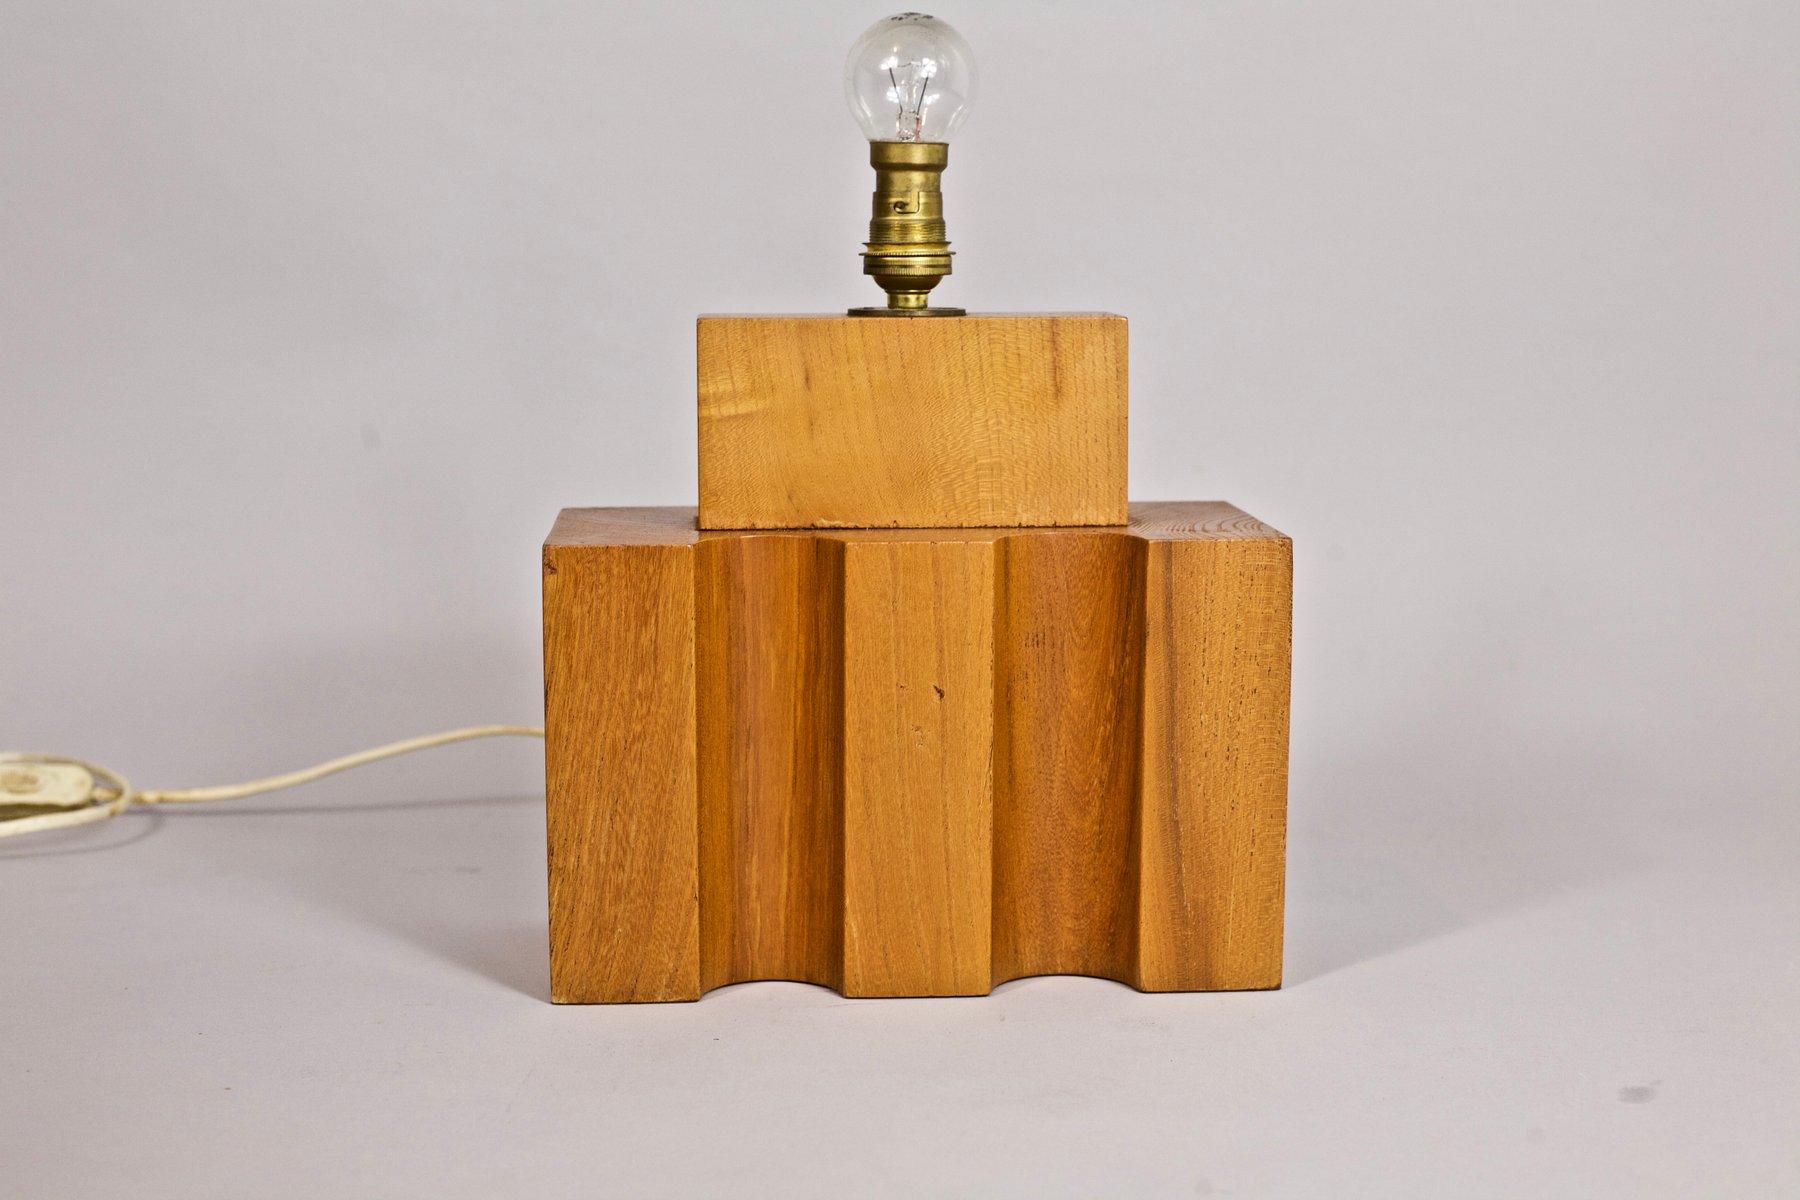 Konstruktivistische Lampe aus Holz von Maison Regain, 1970er